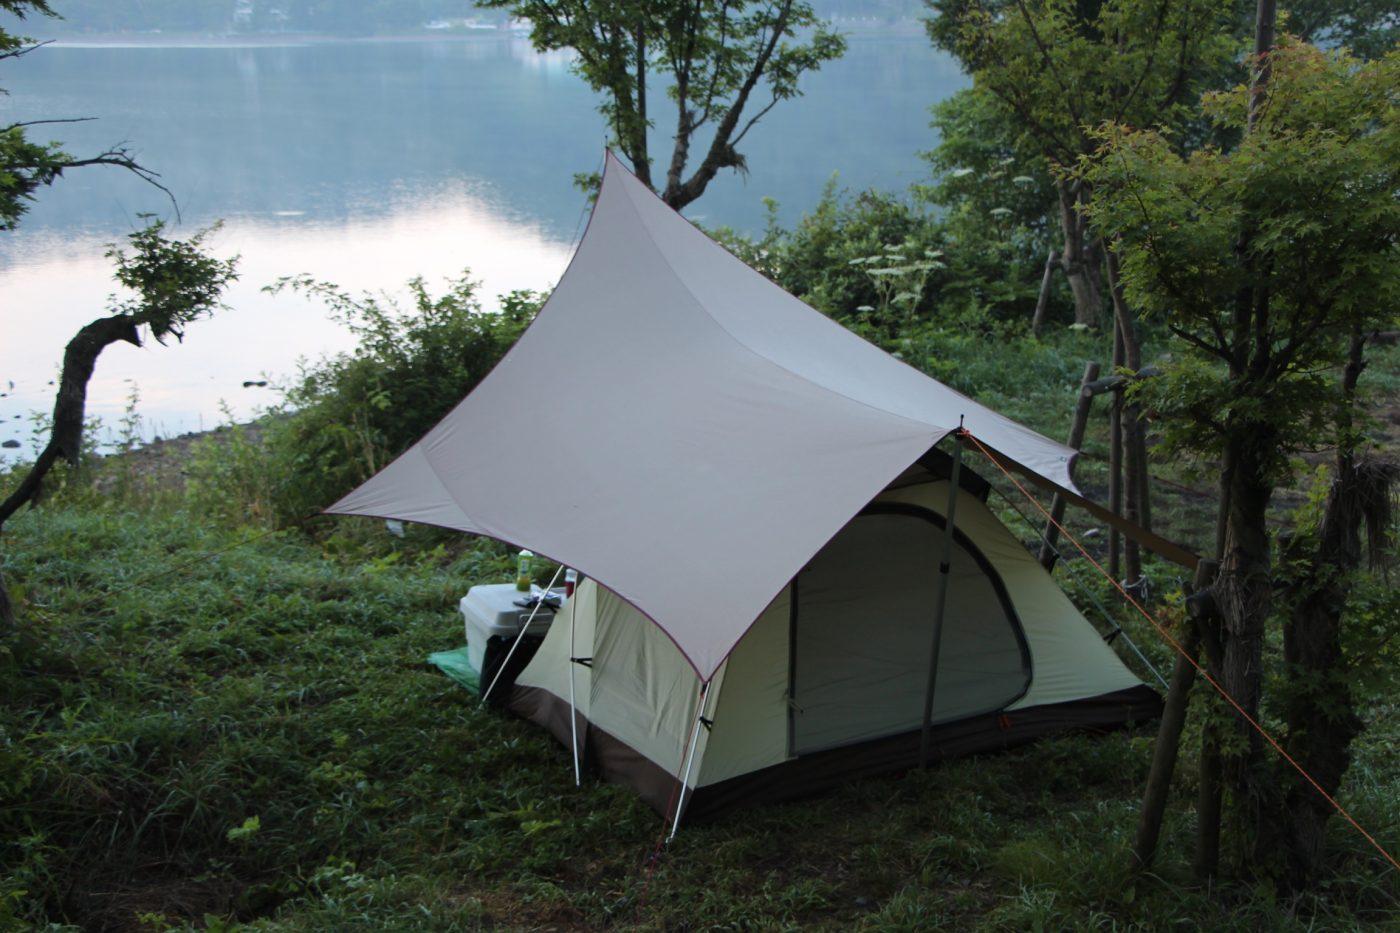 キャンプの簡単な雨対策はタープの下にテントを設営すること。